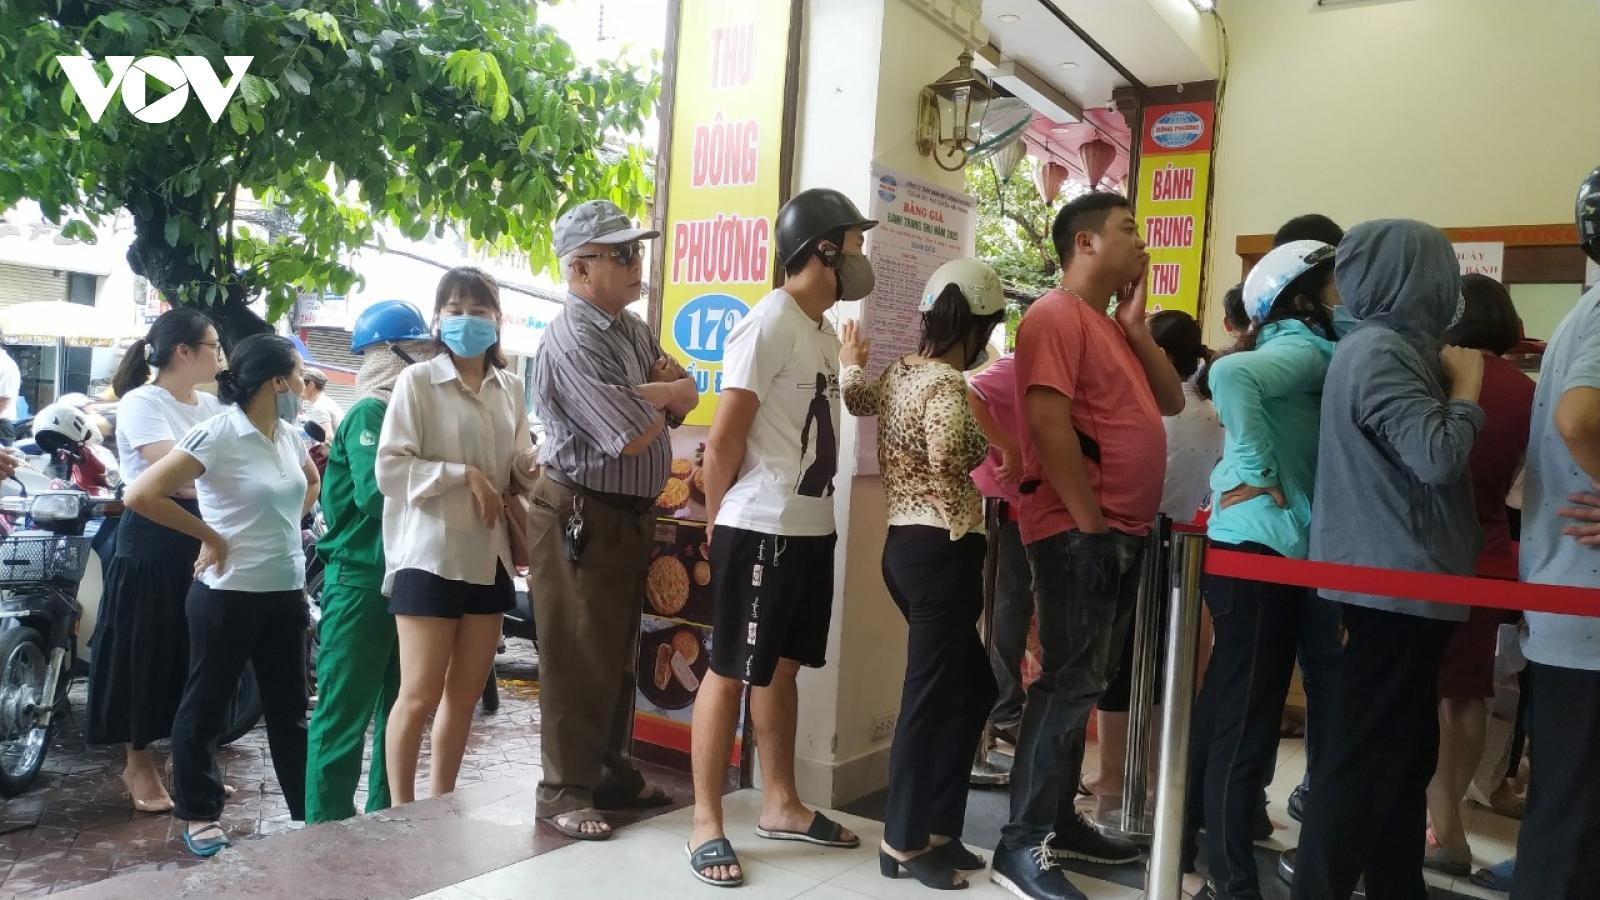 Thị trường bánh trung thu Hải Phòng: Nơi tập nập, chỗ đìu hiu